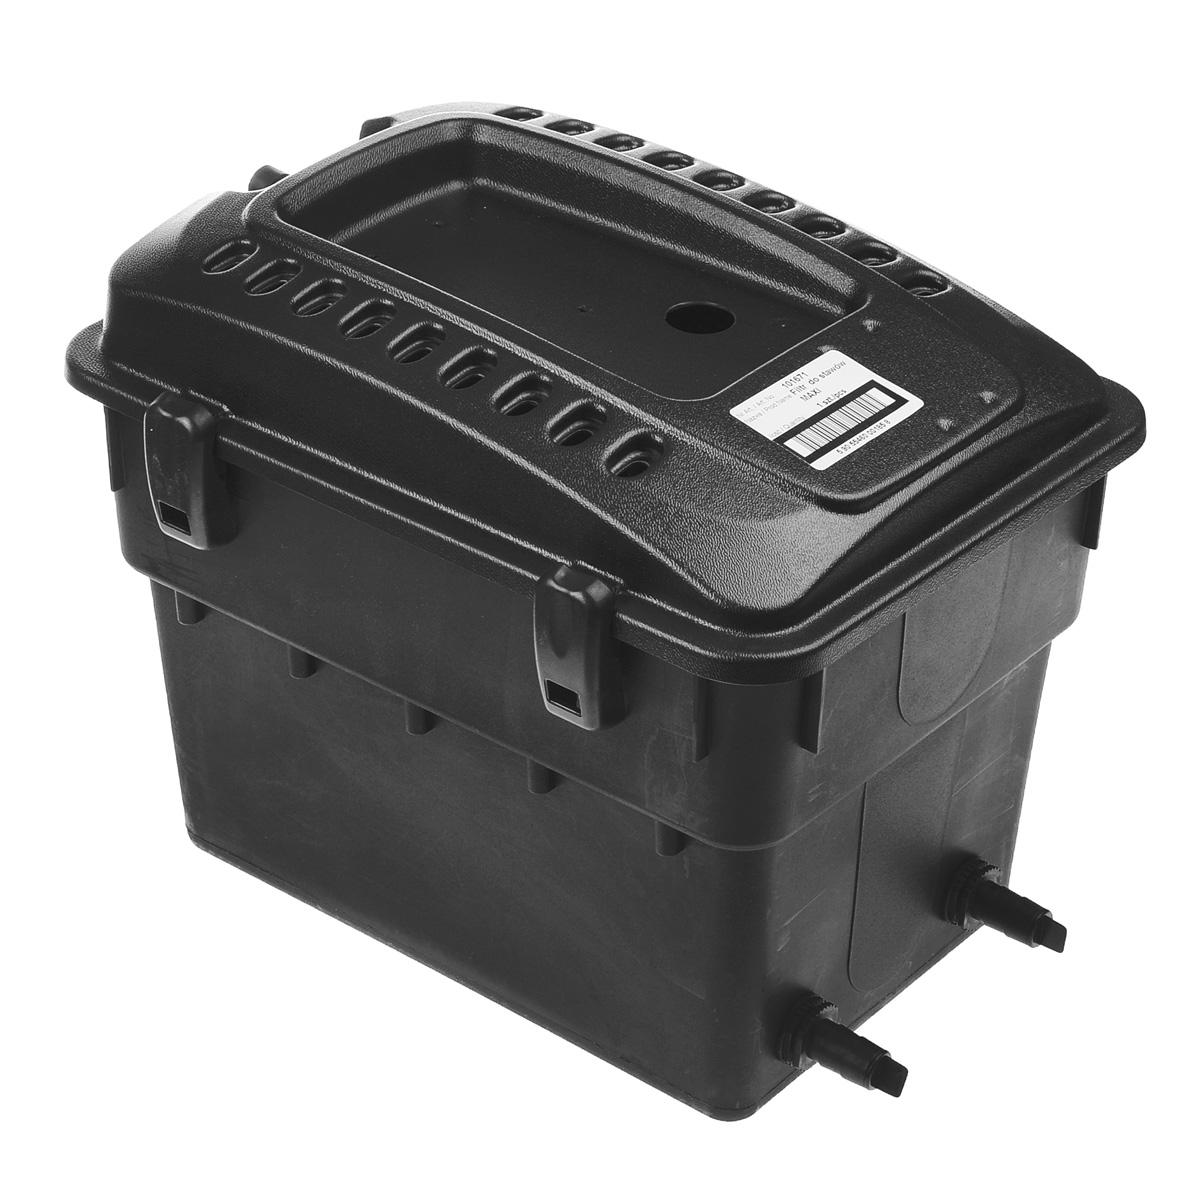 Фильтр для декоративного пруда Aquael. MAXI0603130020Фильтр для декоративного пруда Aquael является наружным фильтром. Его можно размещать на берегу пруда или на водопаде. Работает совместно с насосом Aquajet PFN. Такой фильтр обеспечивает механическую и биологическую очистку водоема. Рассчитан на непрерывную работу и приспособлен к работе как в полностью погруженном состоянии, так и в наружном положении. Максимальный объем: 5 м3. Размер фильтра: 50 см х 38 см х 40 см.